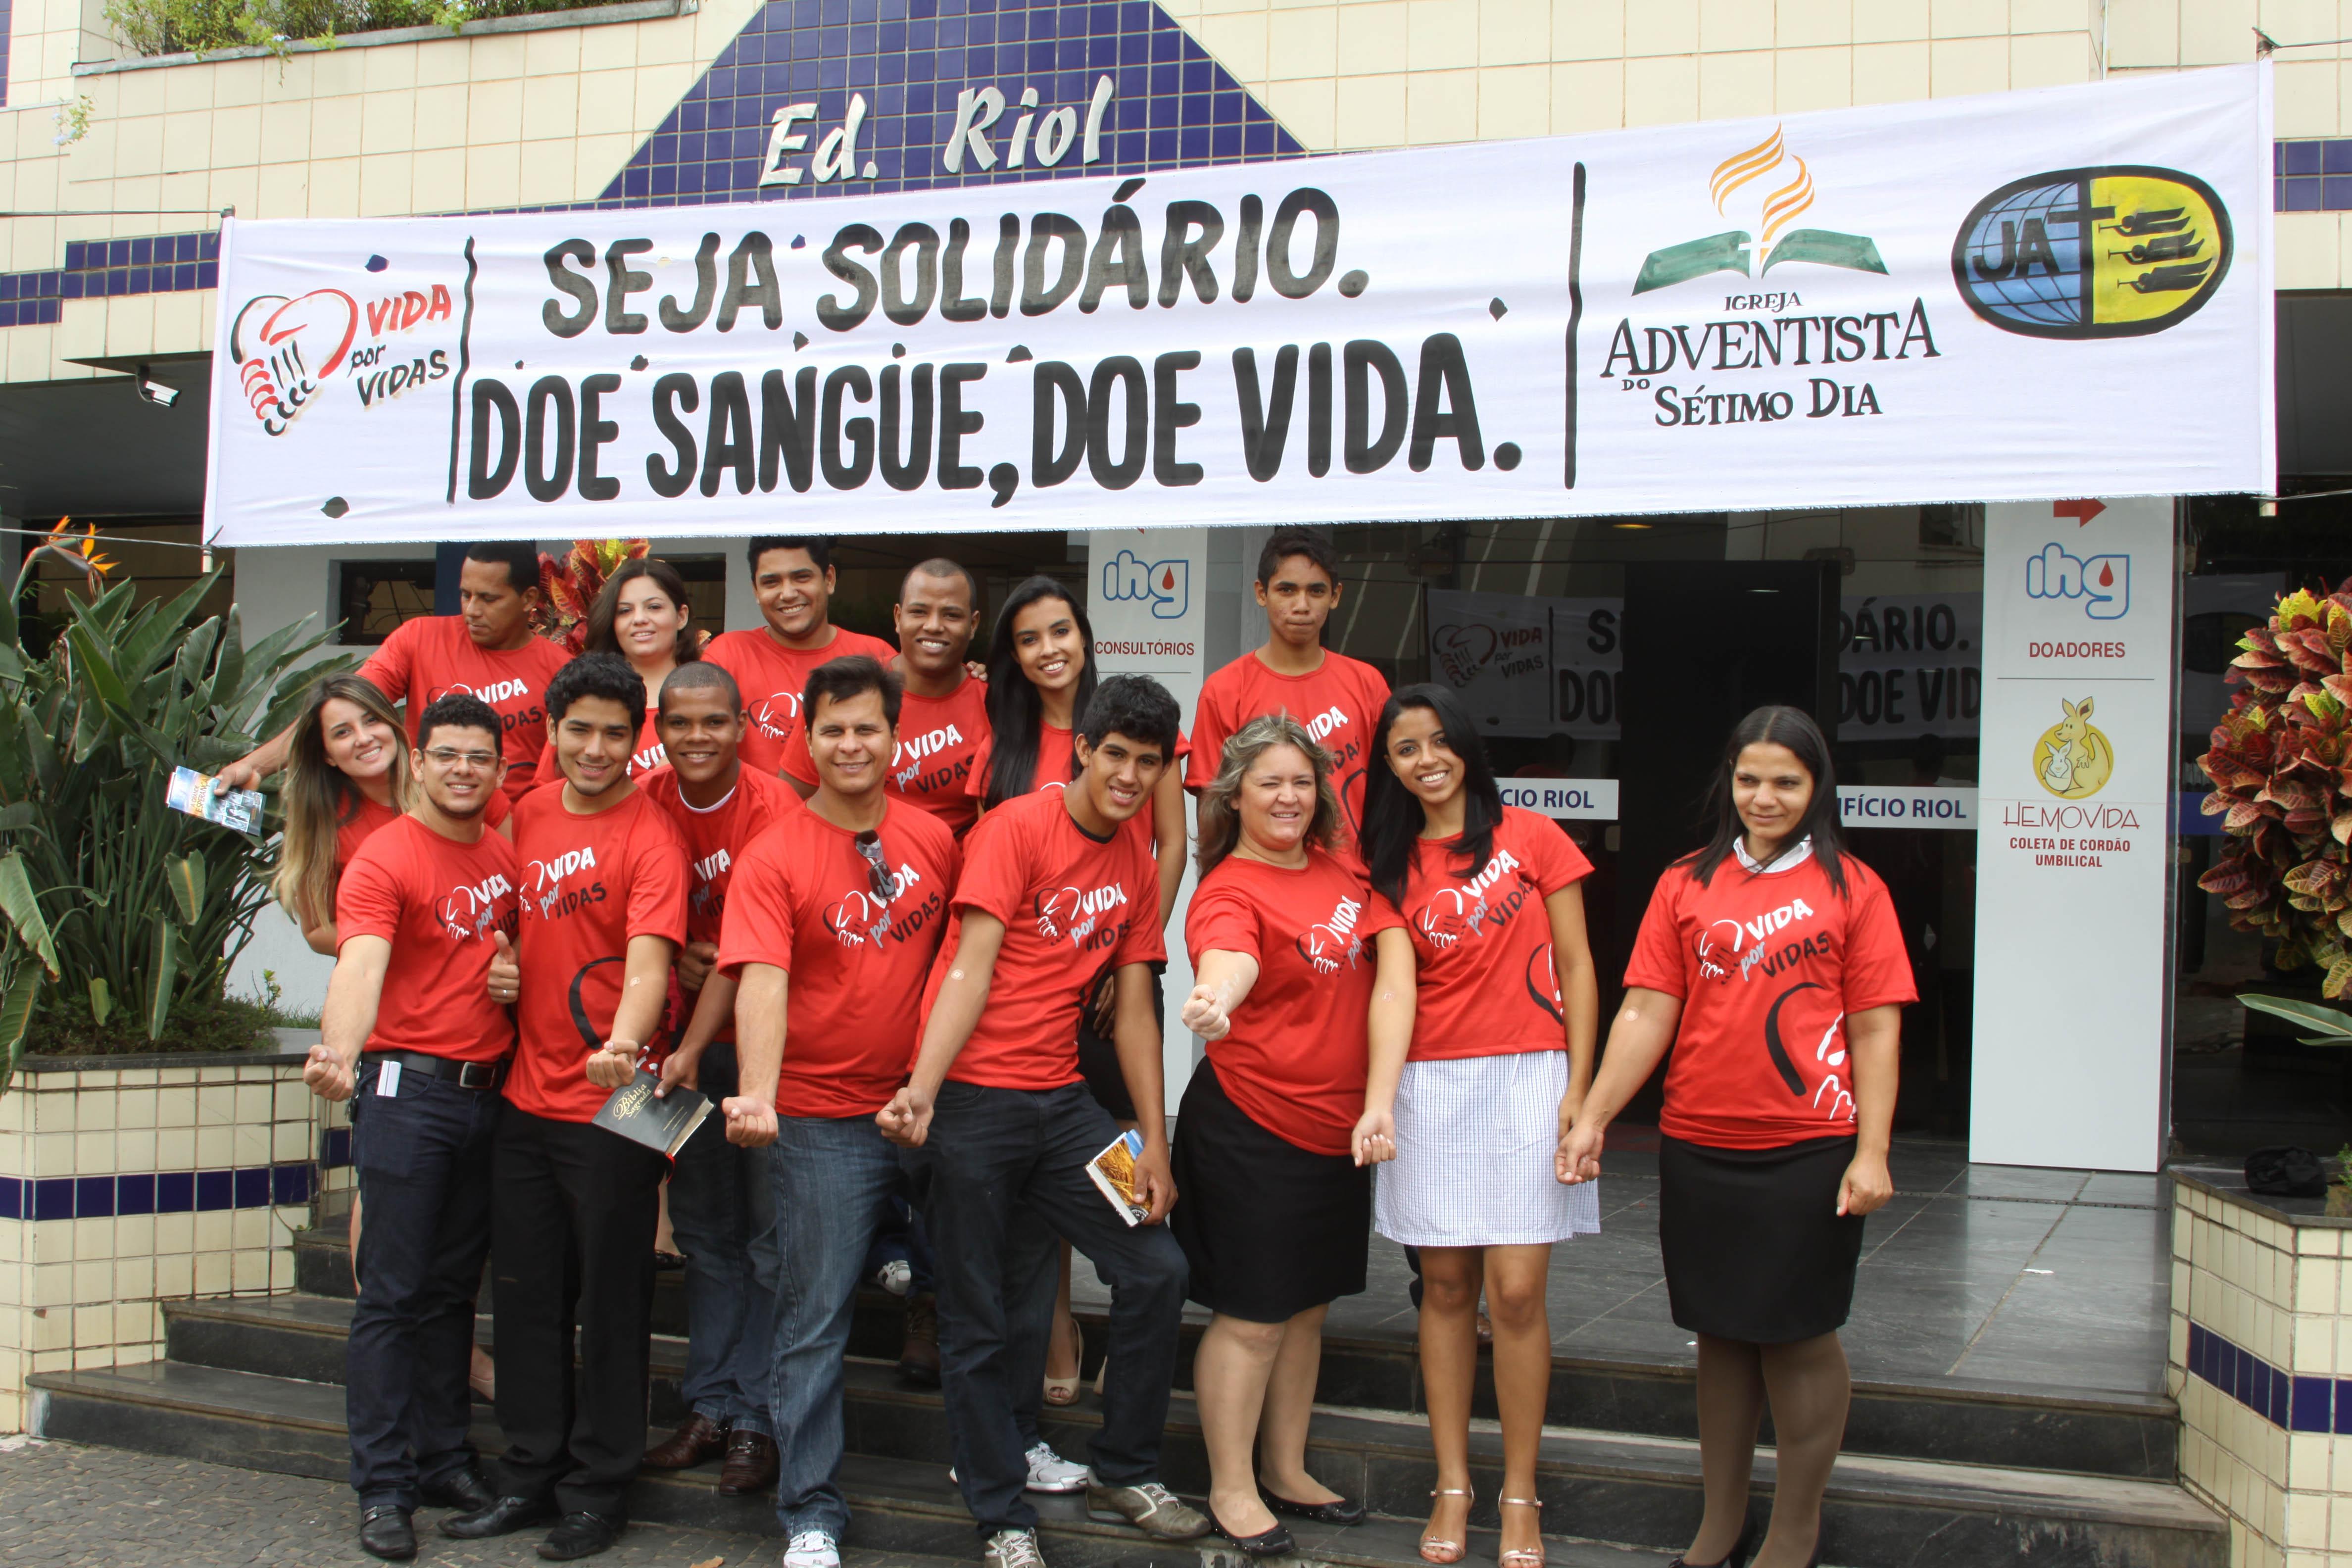 Projeto Vida por Vidas leva juventude adventista para doação de sangue.